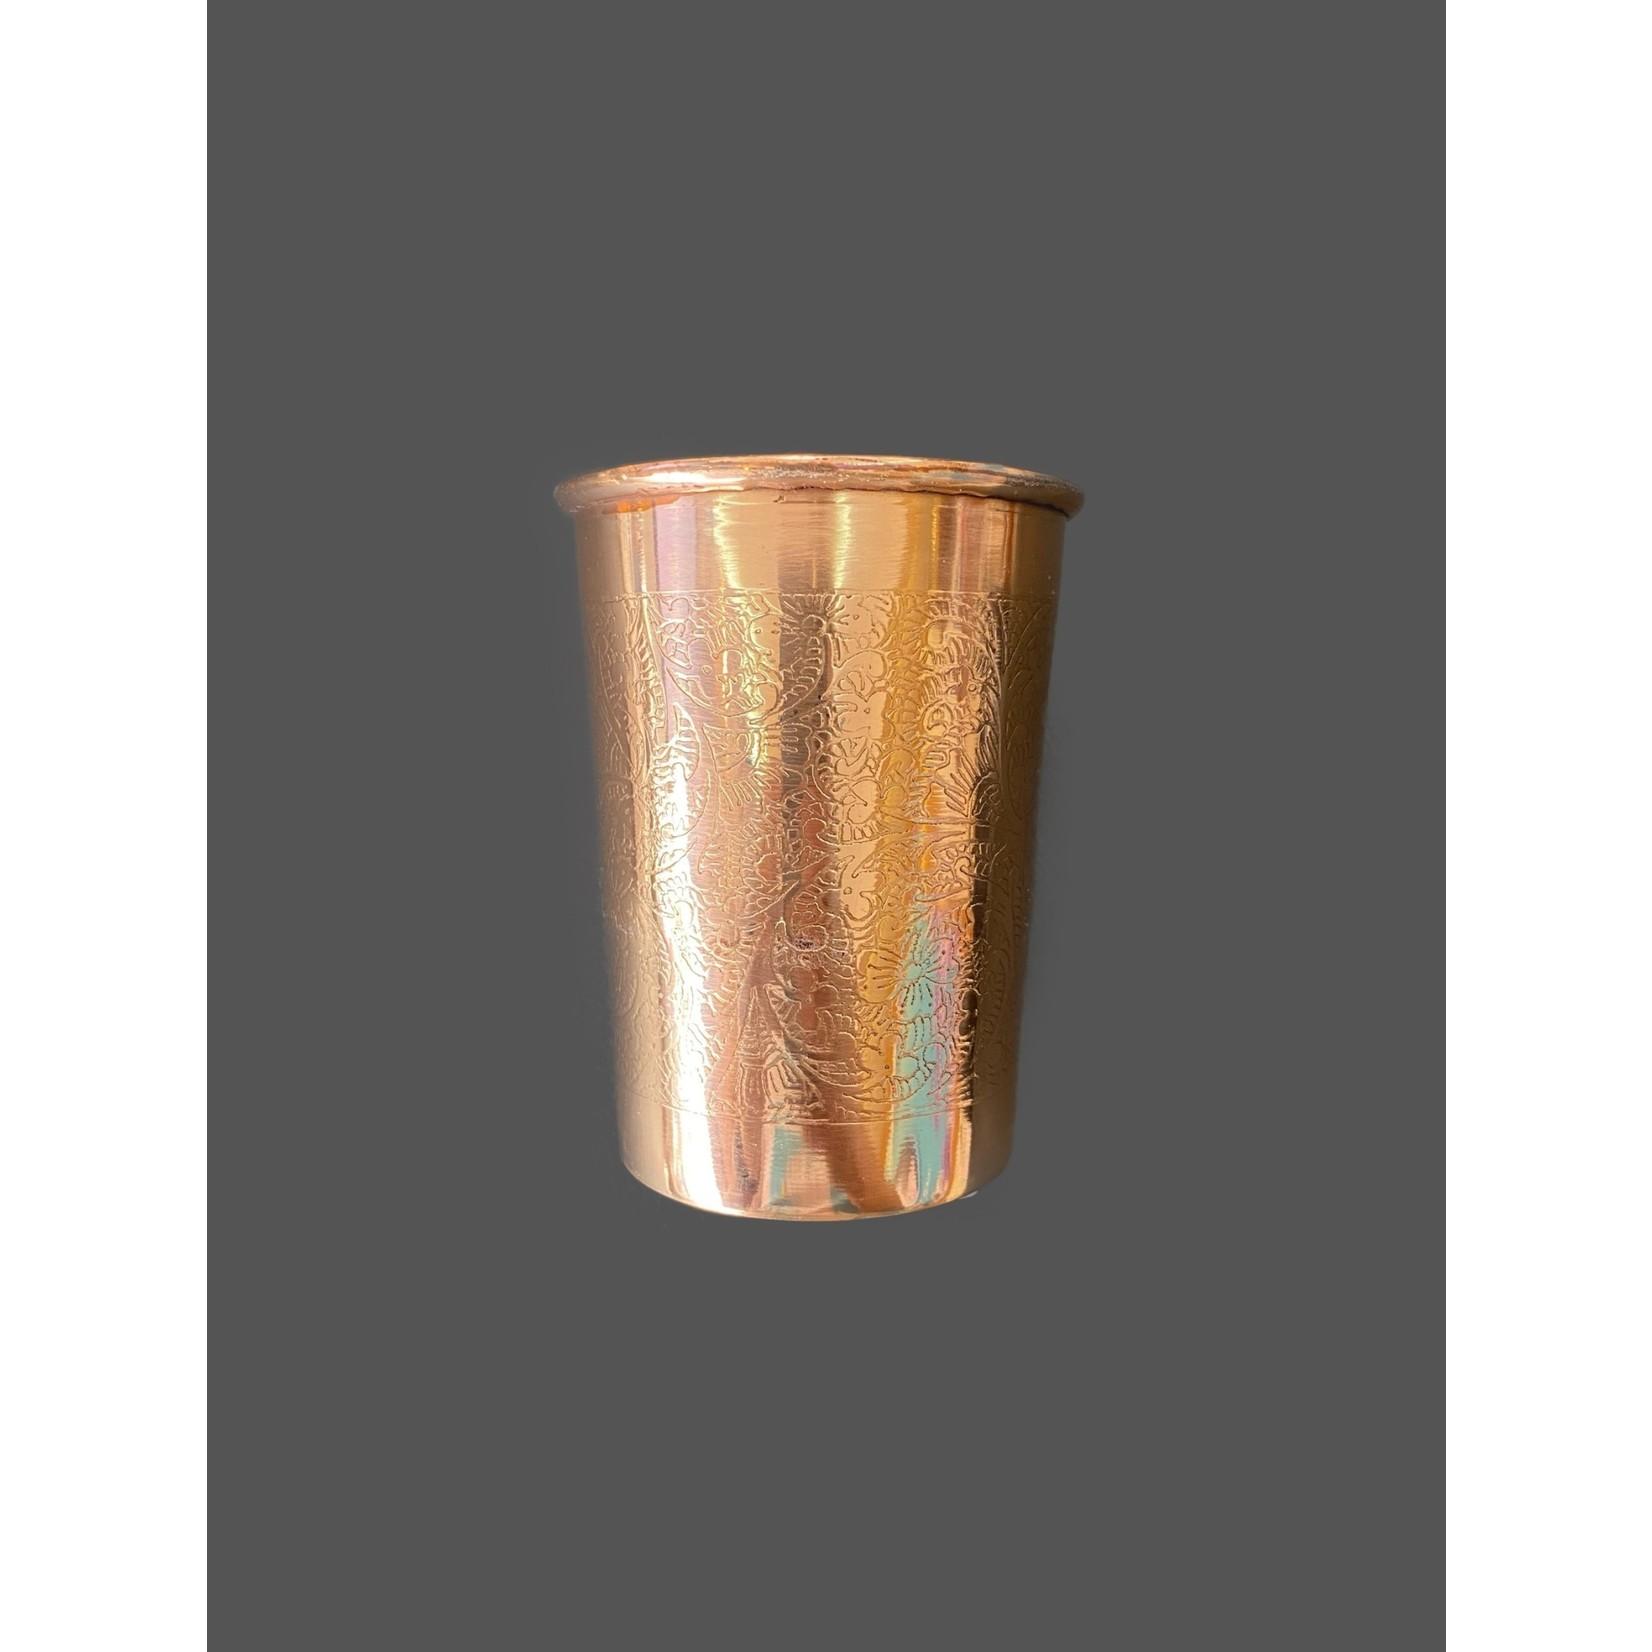 Vaso de cobre con diseño floral grabado 250 ml